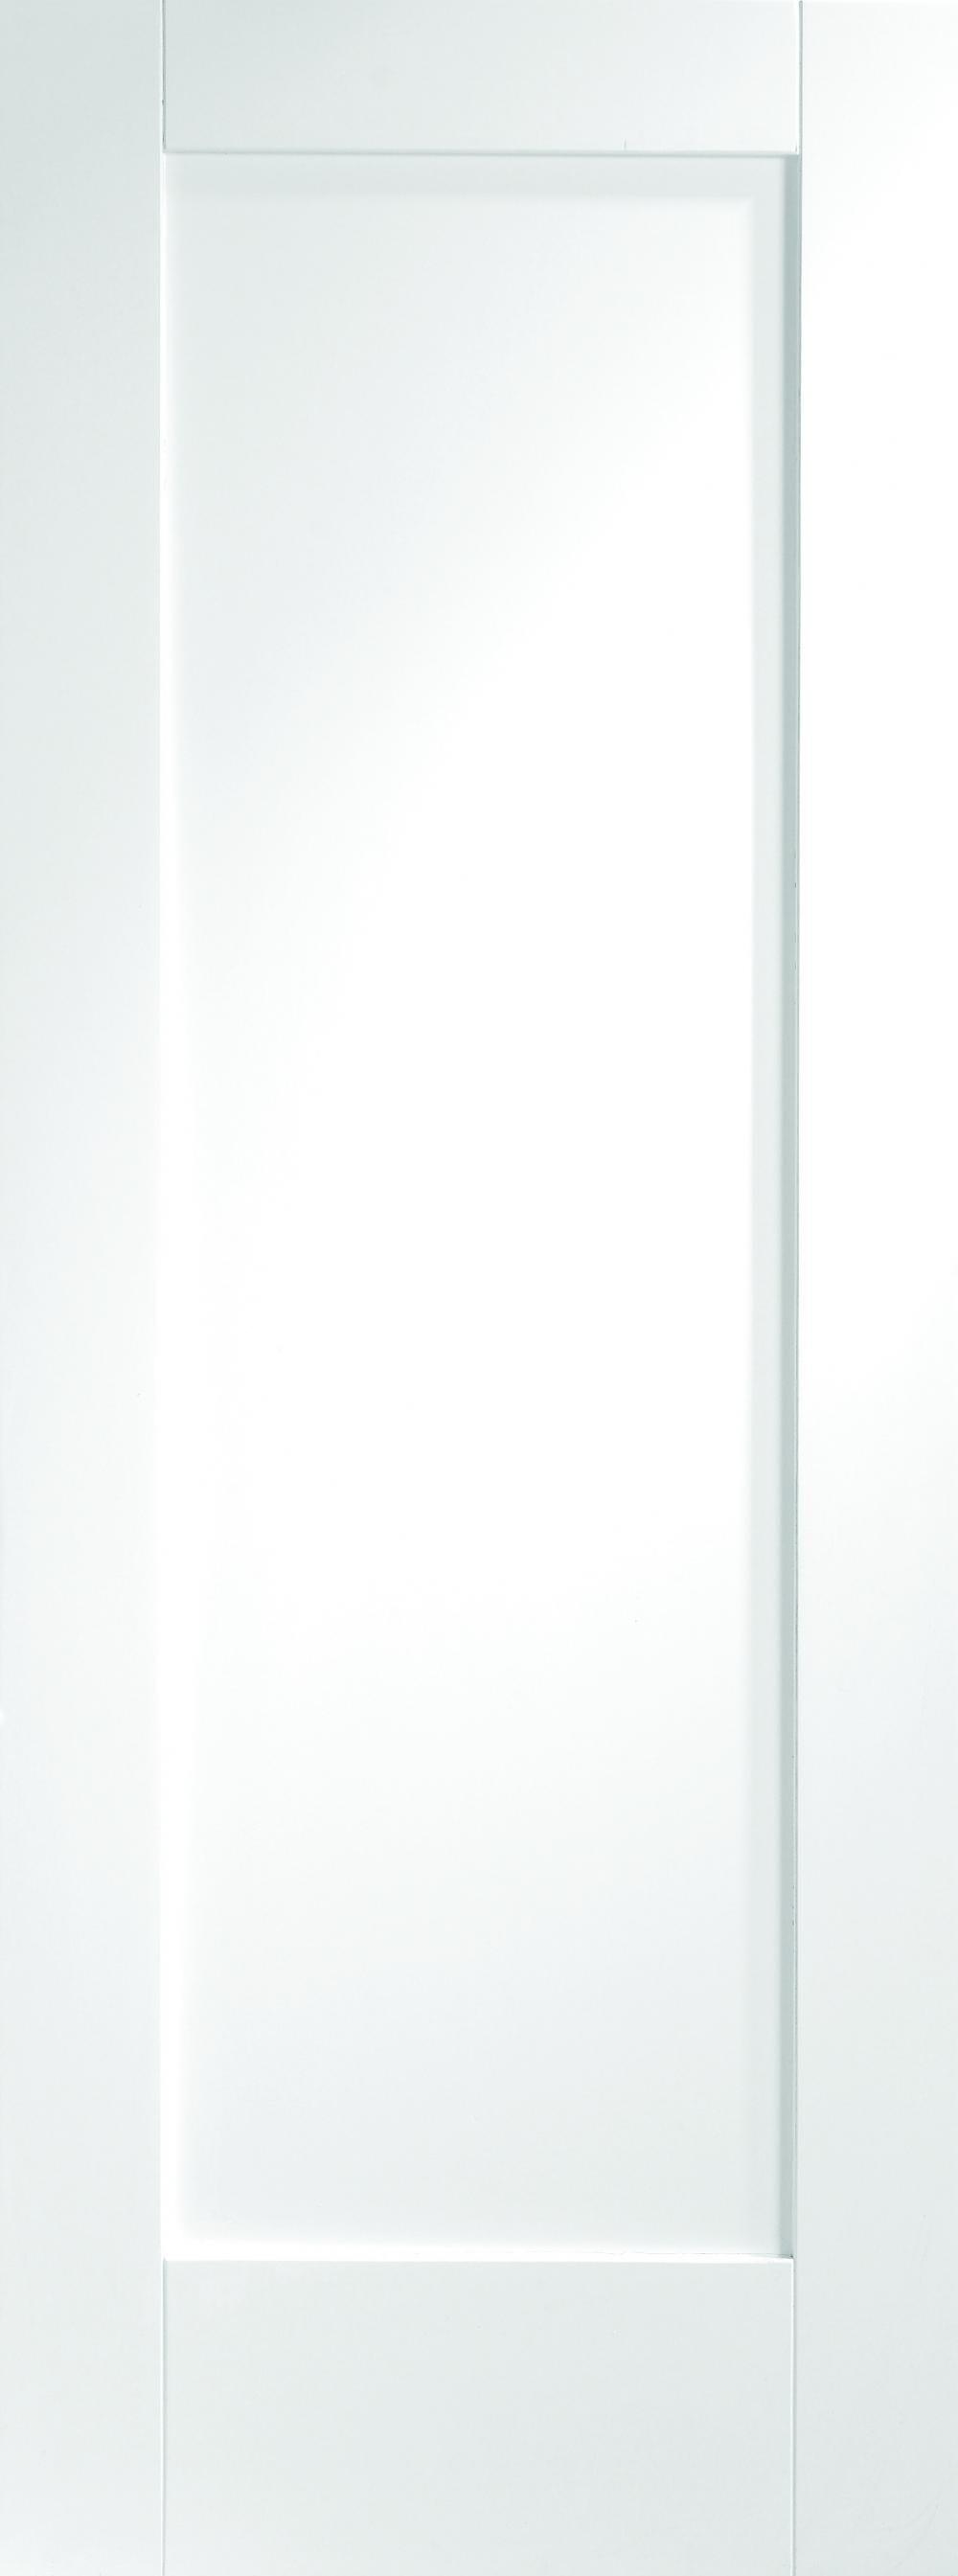 Pattern 10 White Image